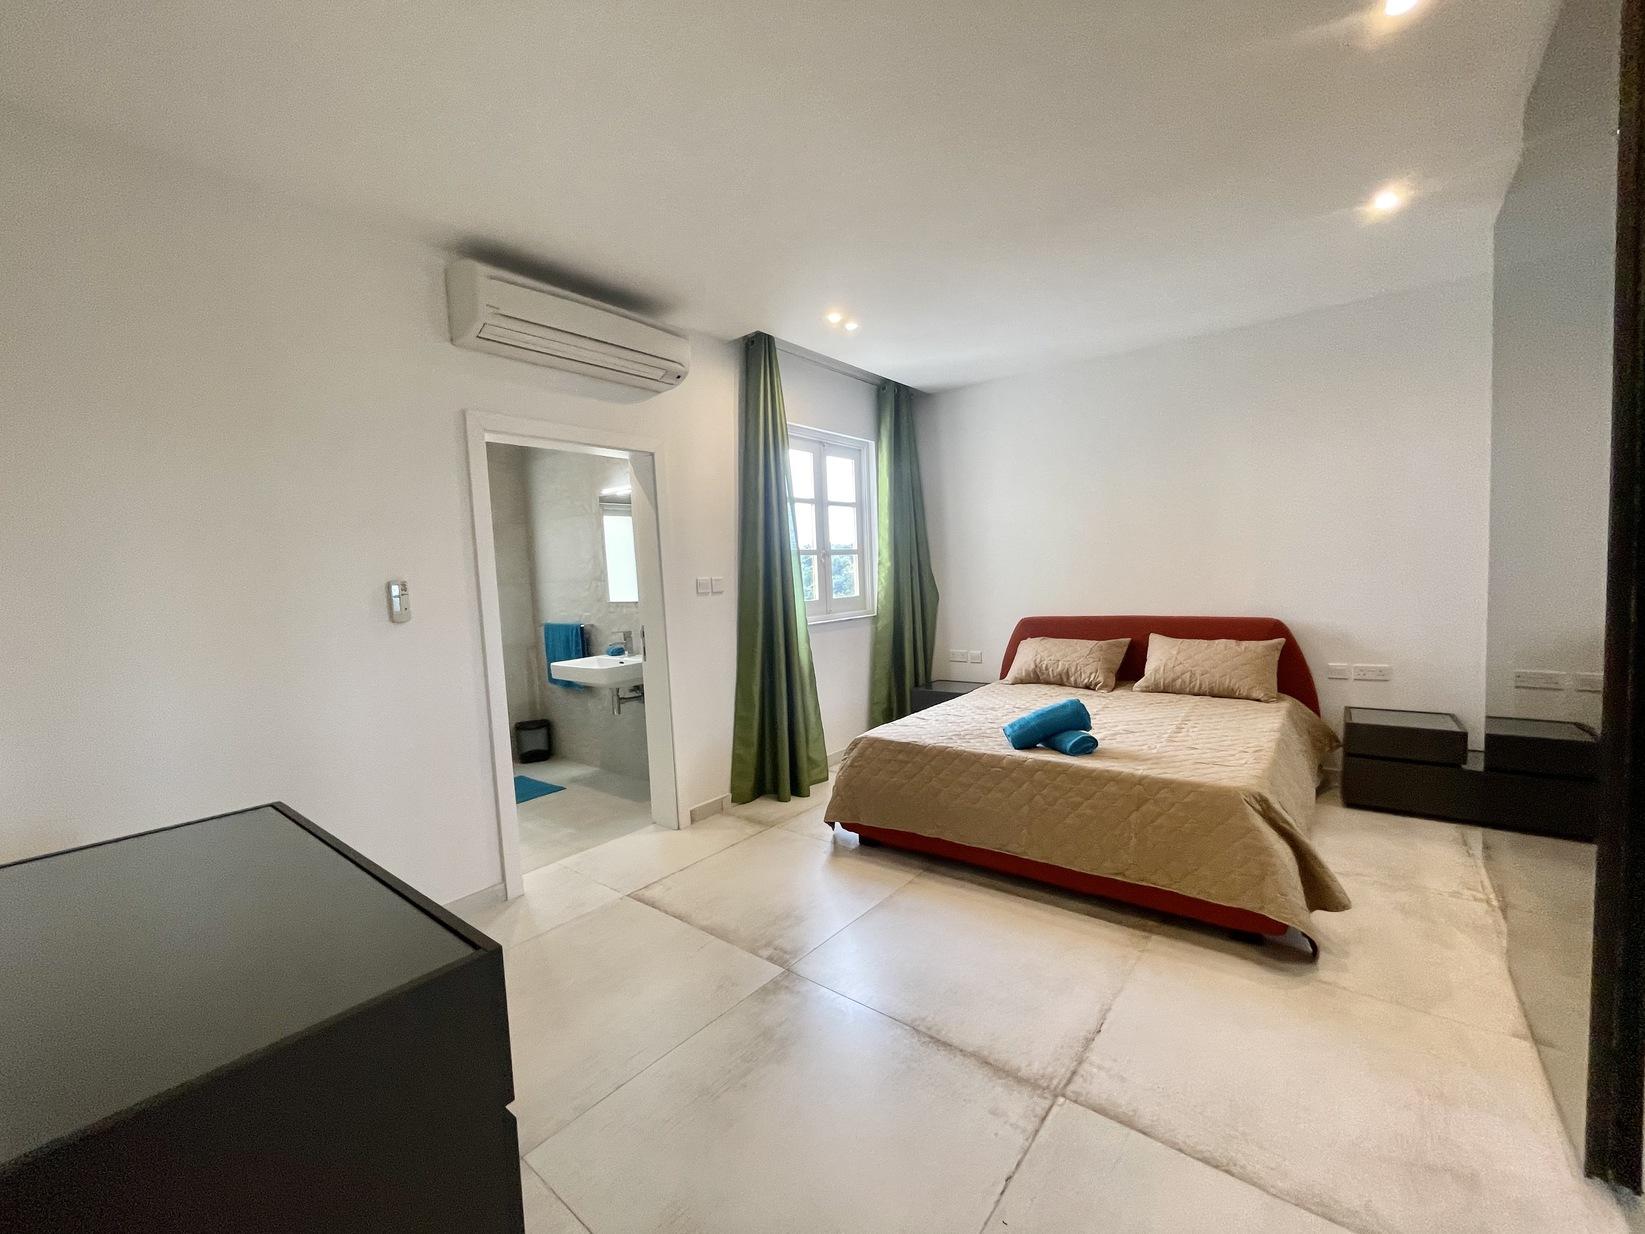 3 bed Apartment For Rent in Kalkara, Kalkara - thumb 16